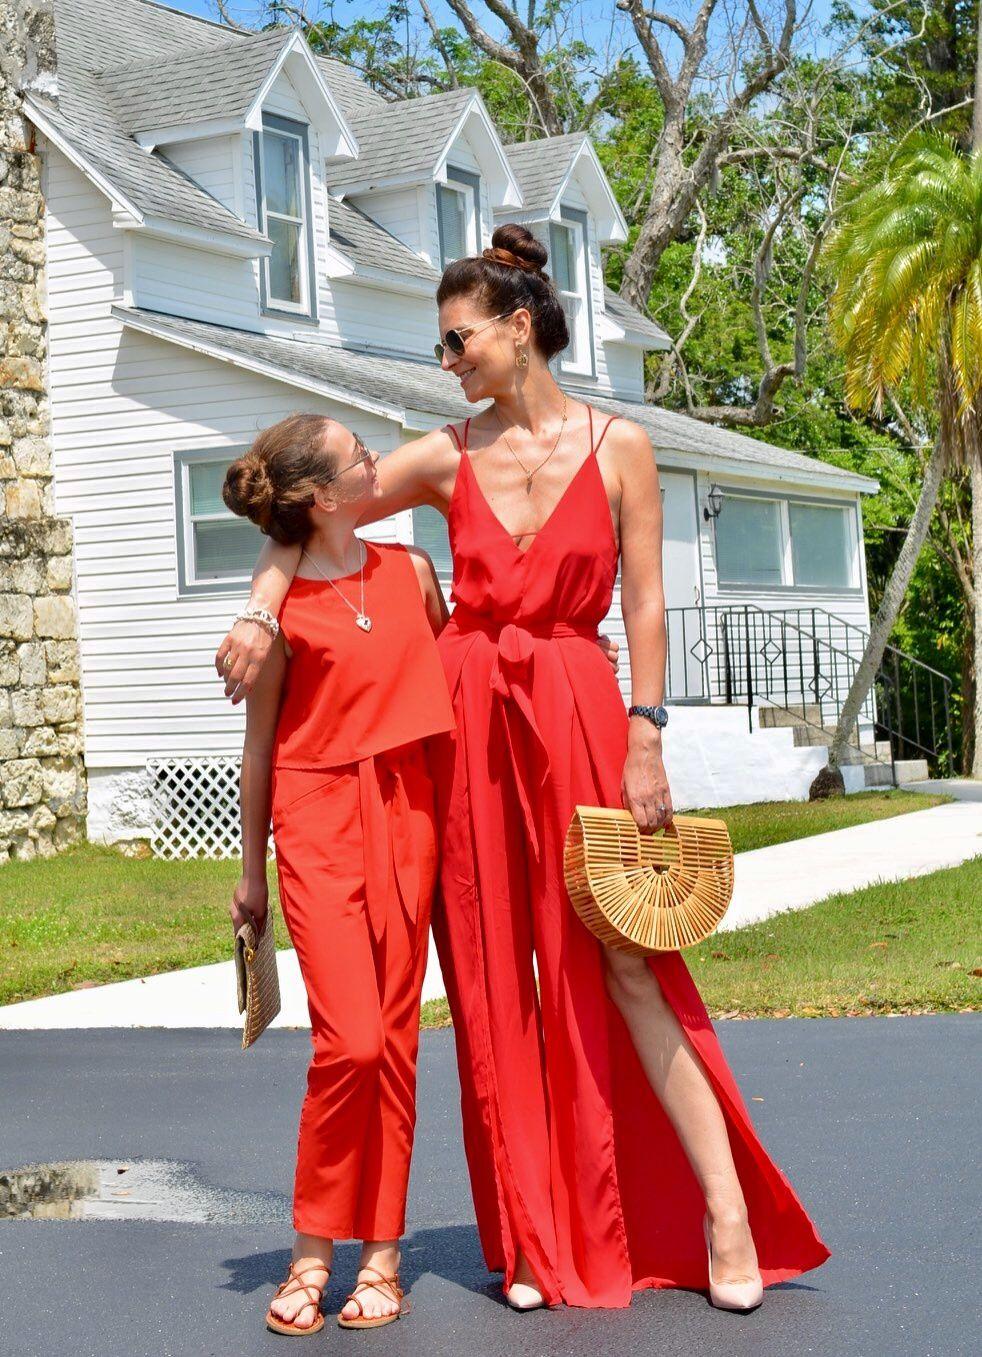 Ma Loulou d'amour a elle aussi sa Combi pantalon rouge pour les toutes occasions...        Et ça lui va à merveille !